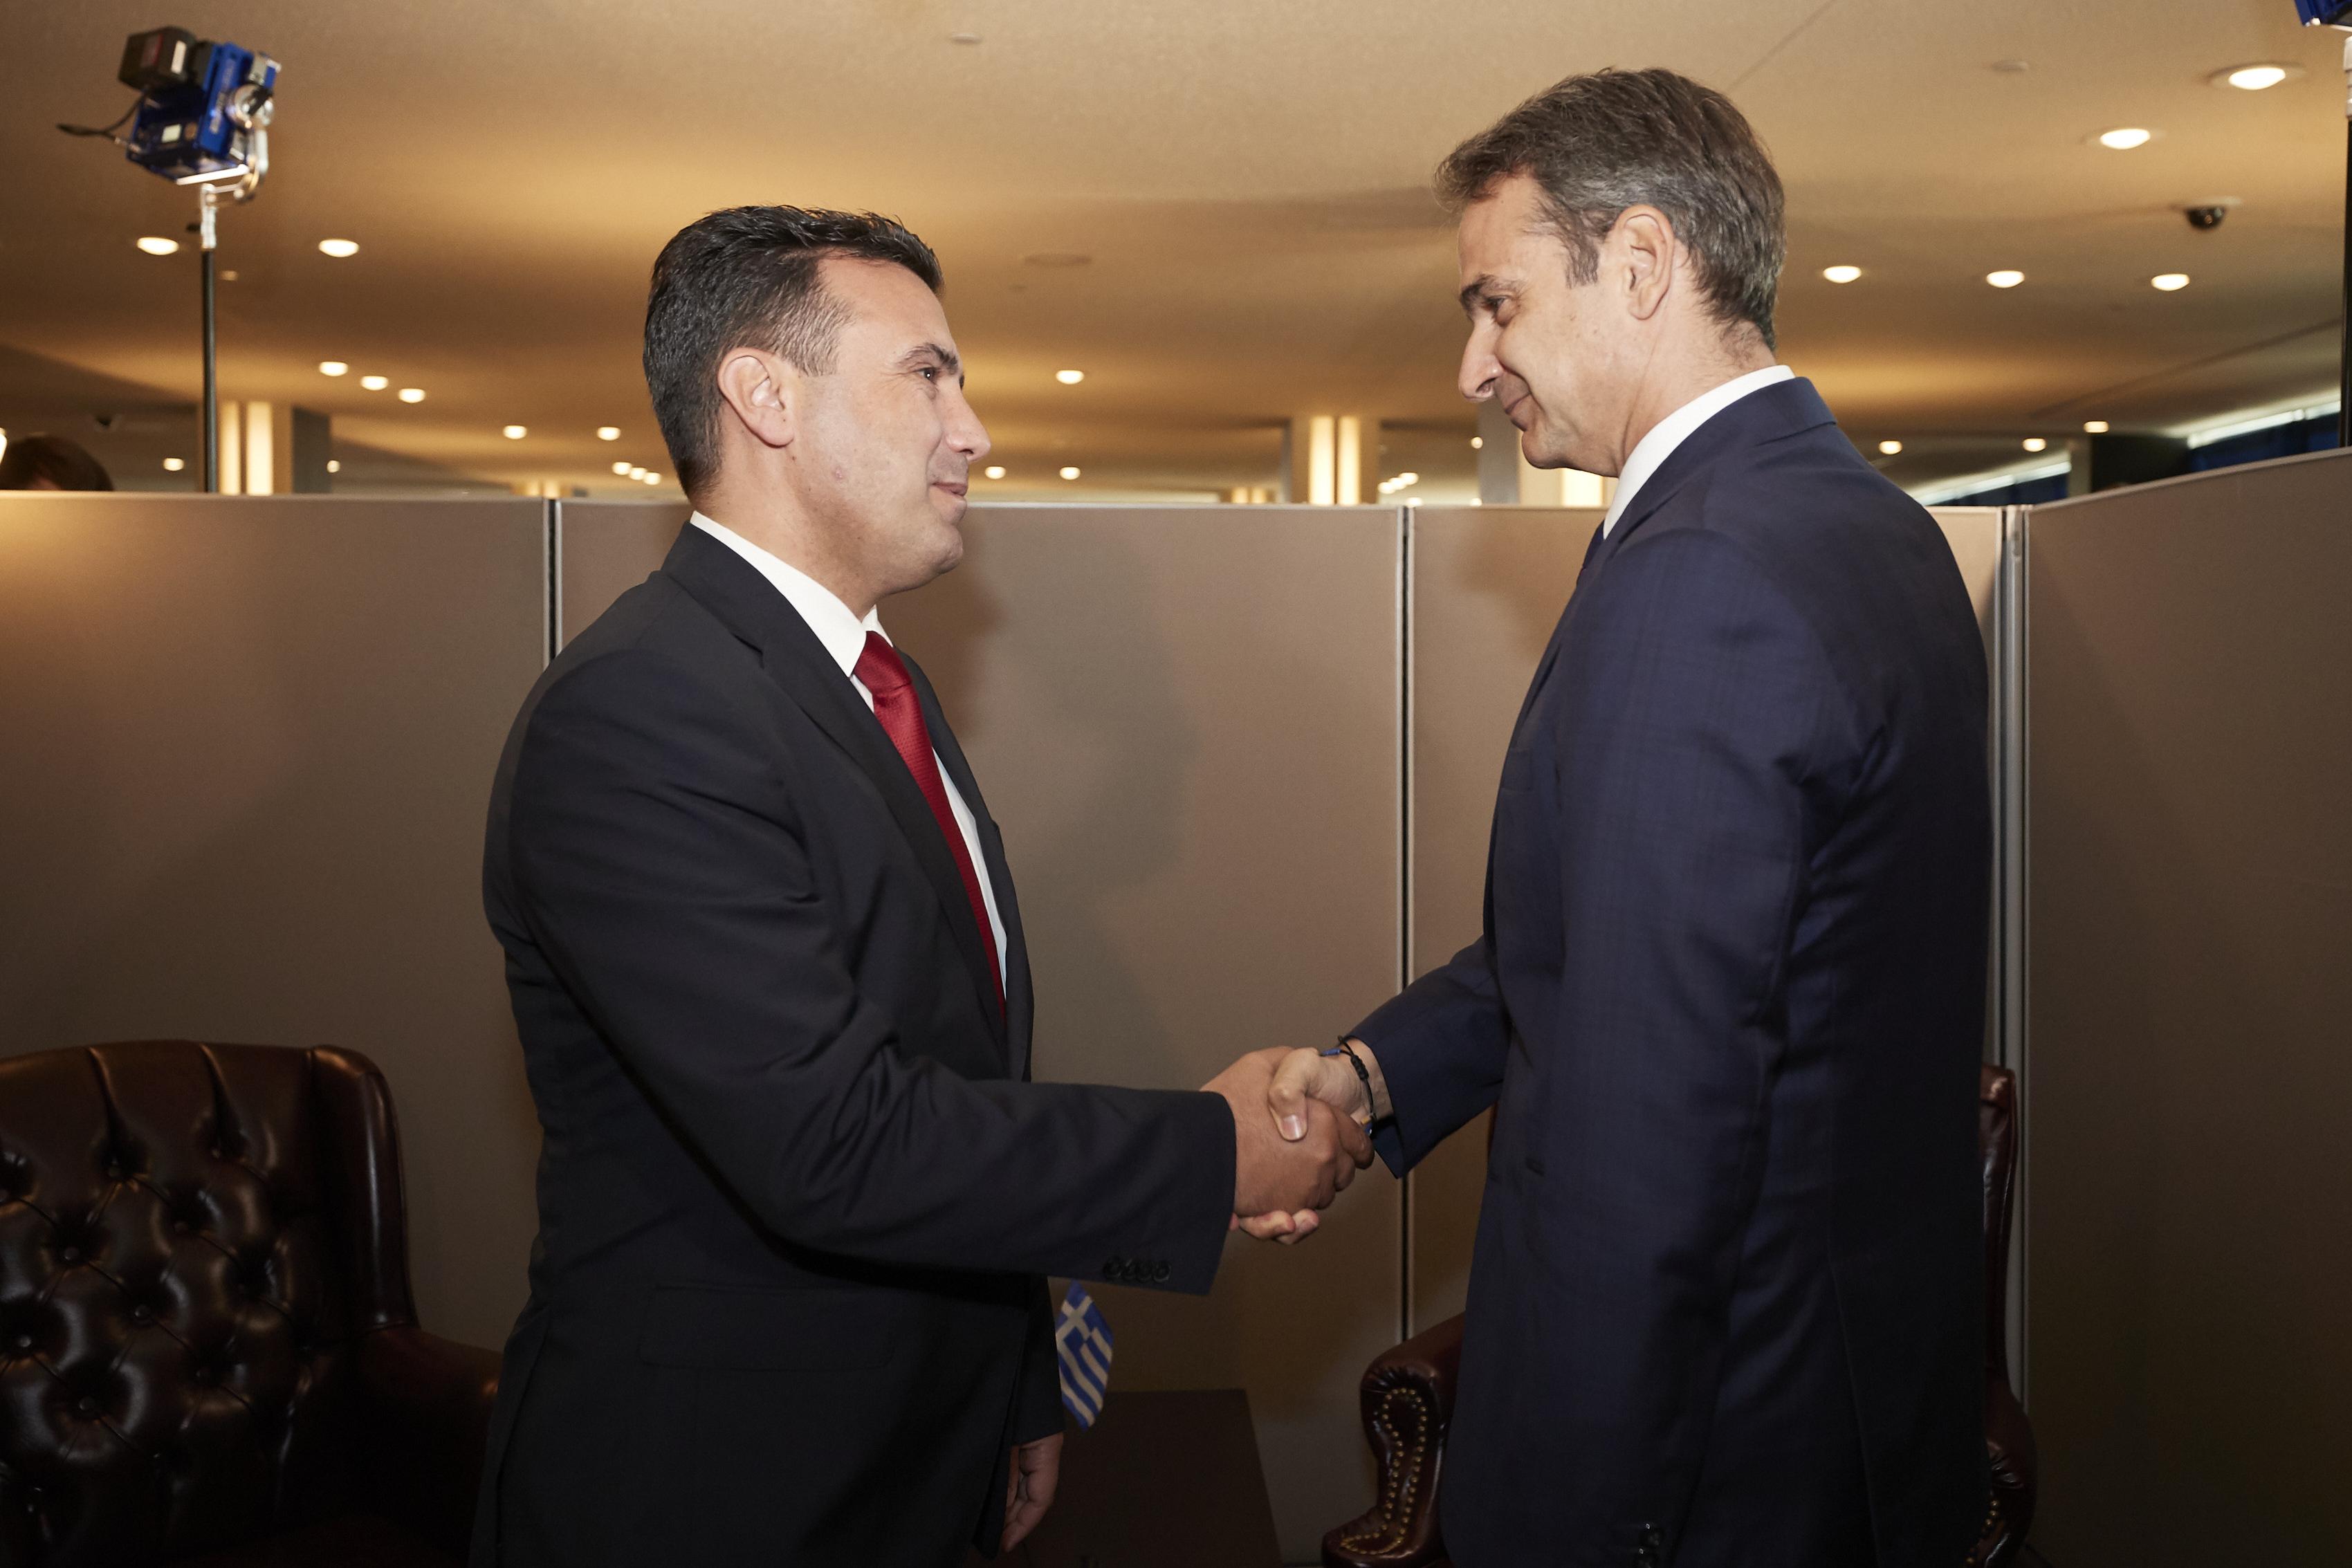 Τι θα γίνει με τη Συμφωνία των Πρεσπών, μετά τις εξελίξεις στη Βόρεια Μακεδονία - Η στάση του Μητσοτάκη